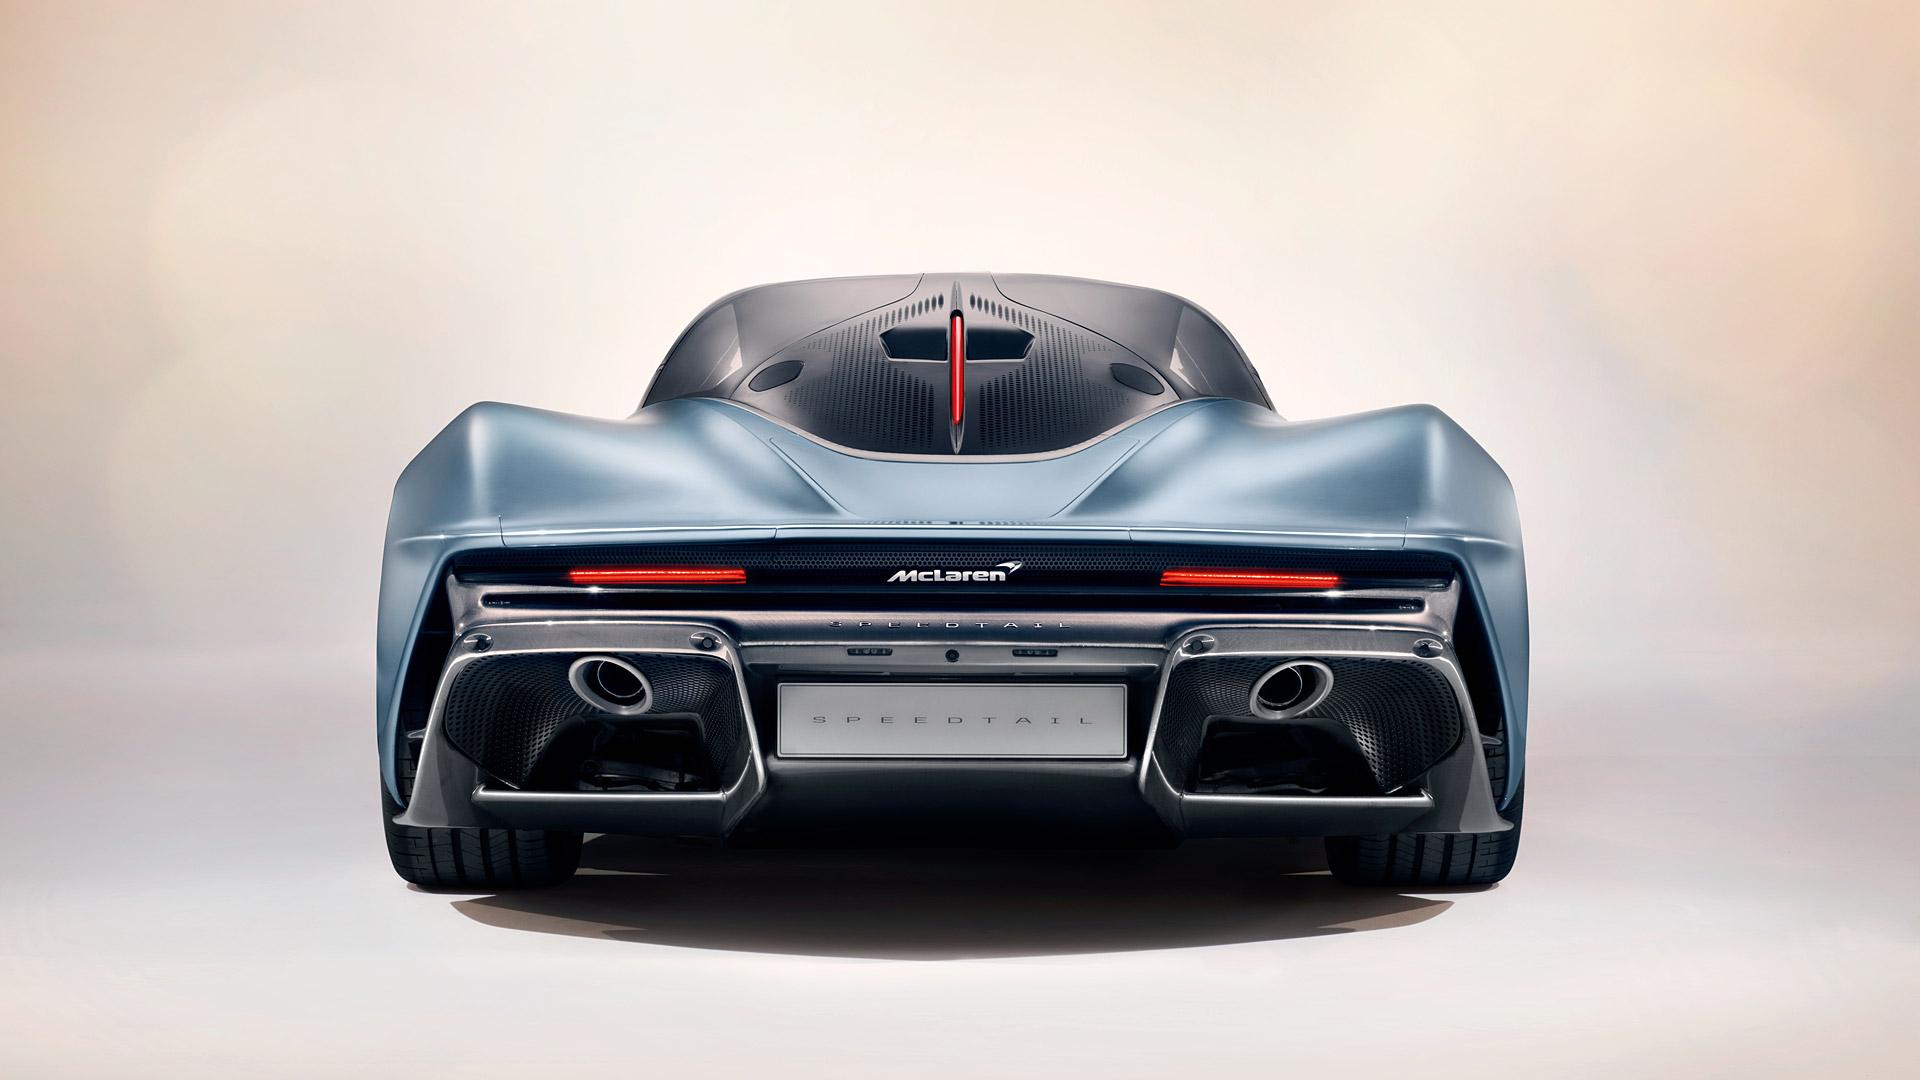 2020 McLaren Speedtail Wallpapers Specs Videos   4K HD   WSupercars 1920x1080